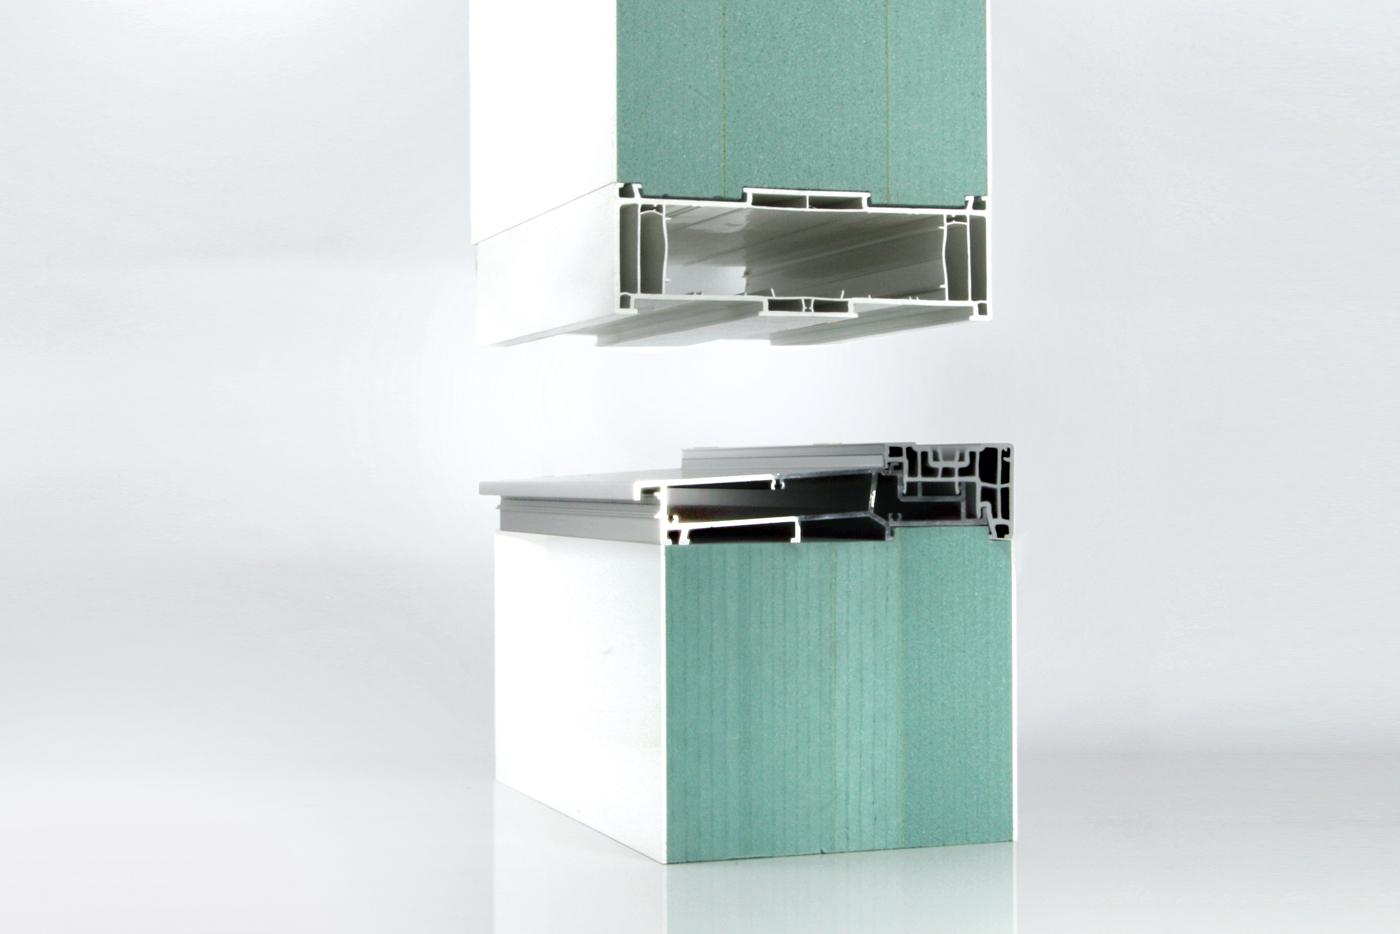 Kerdyn ™ Green FR / PET-Schaum bzw Recycling PET-Platte der Extraklasse